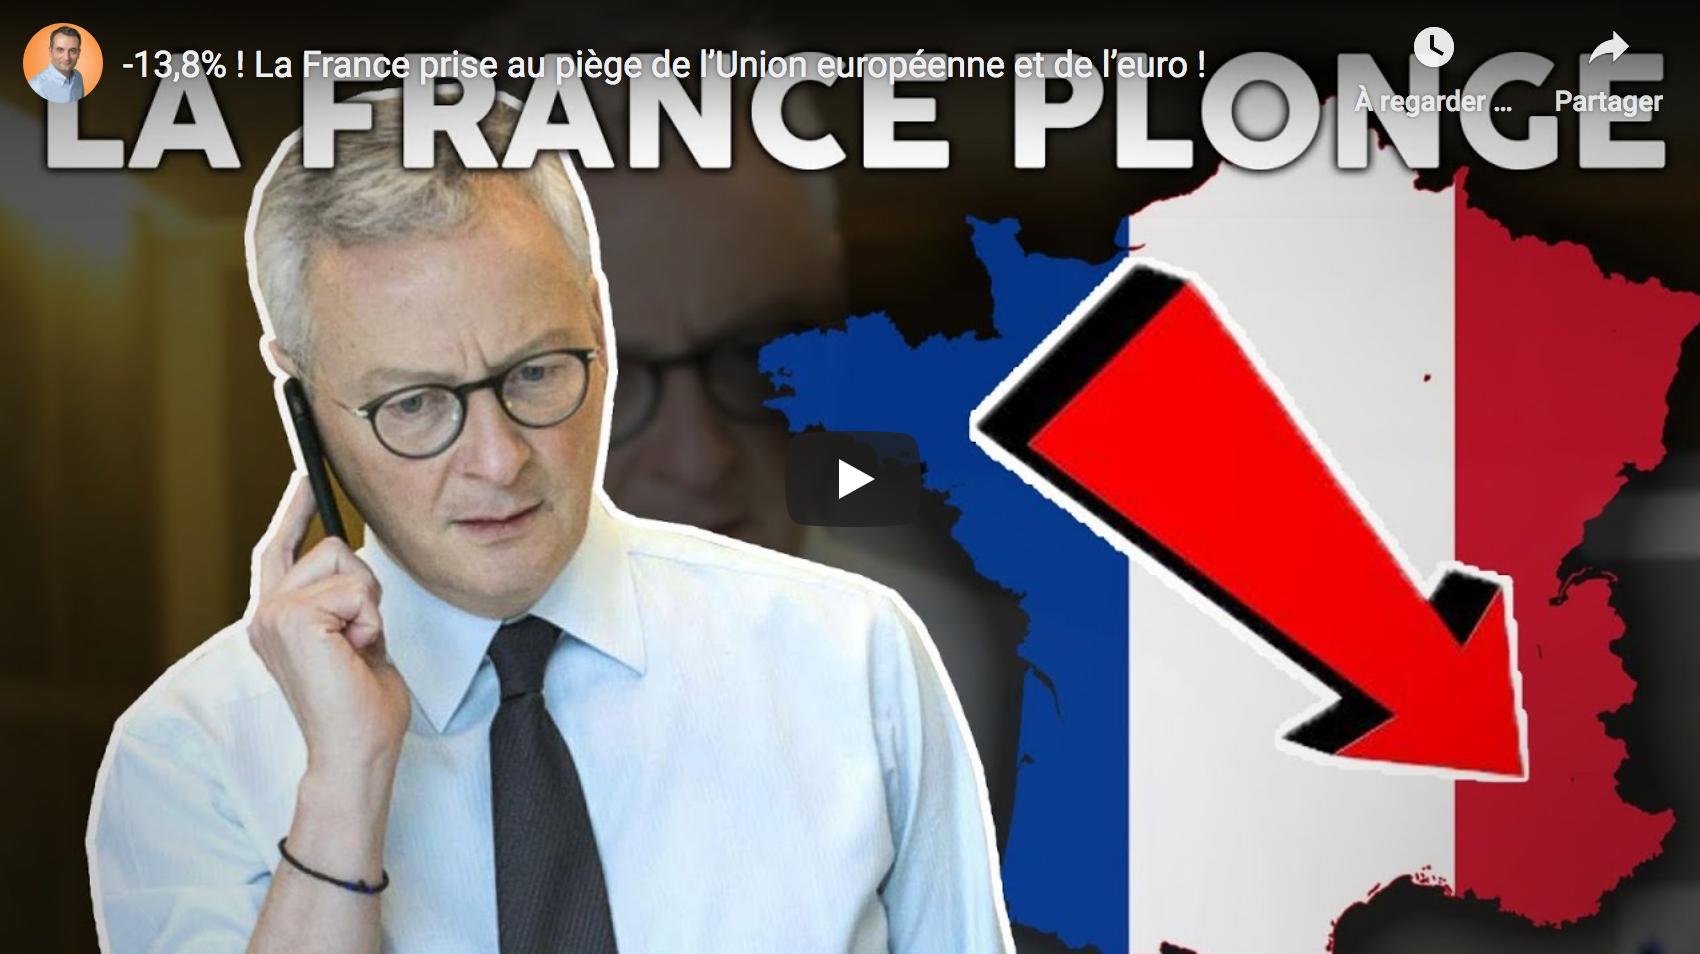 """""""-13,8% ! La France prise au piège de l'Union européenne et de l'euro !"""" (Florian Philippot)"""